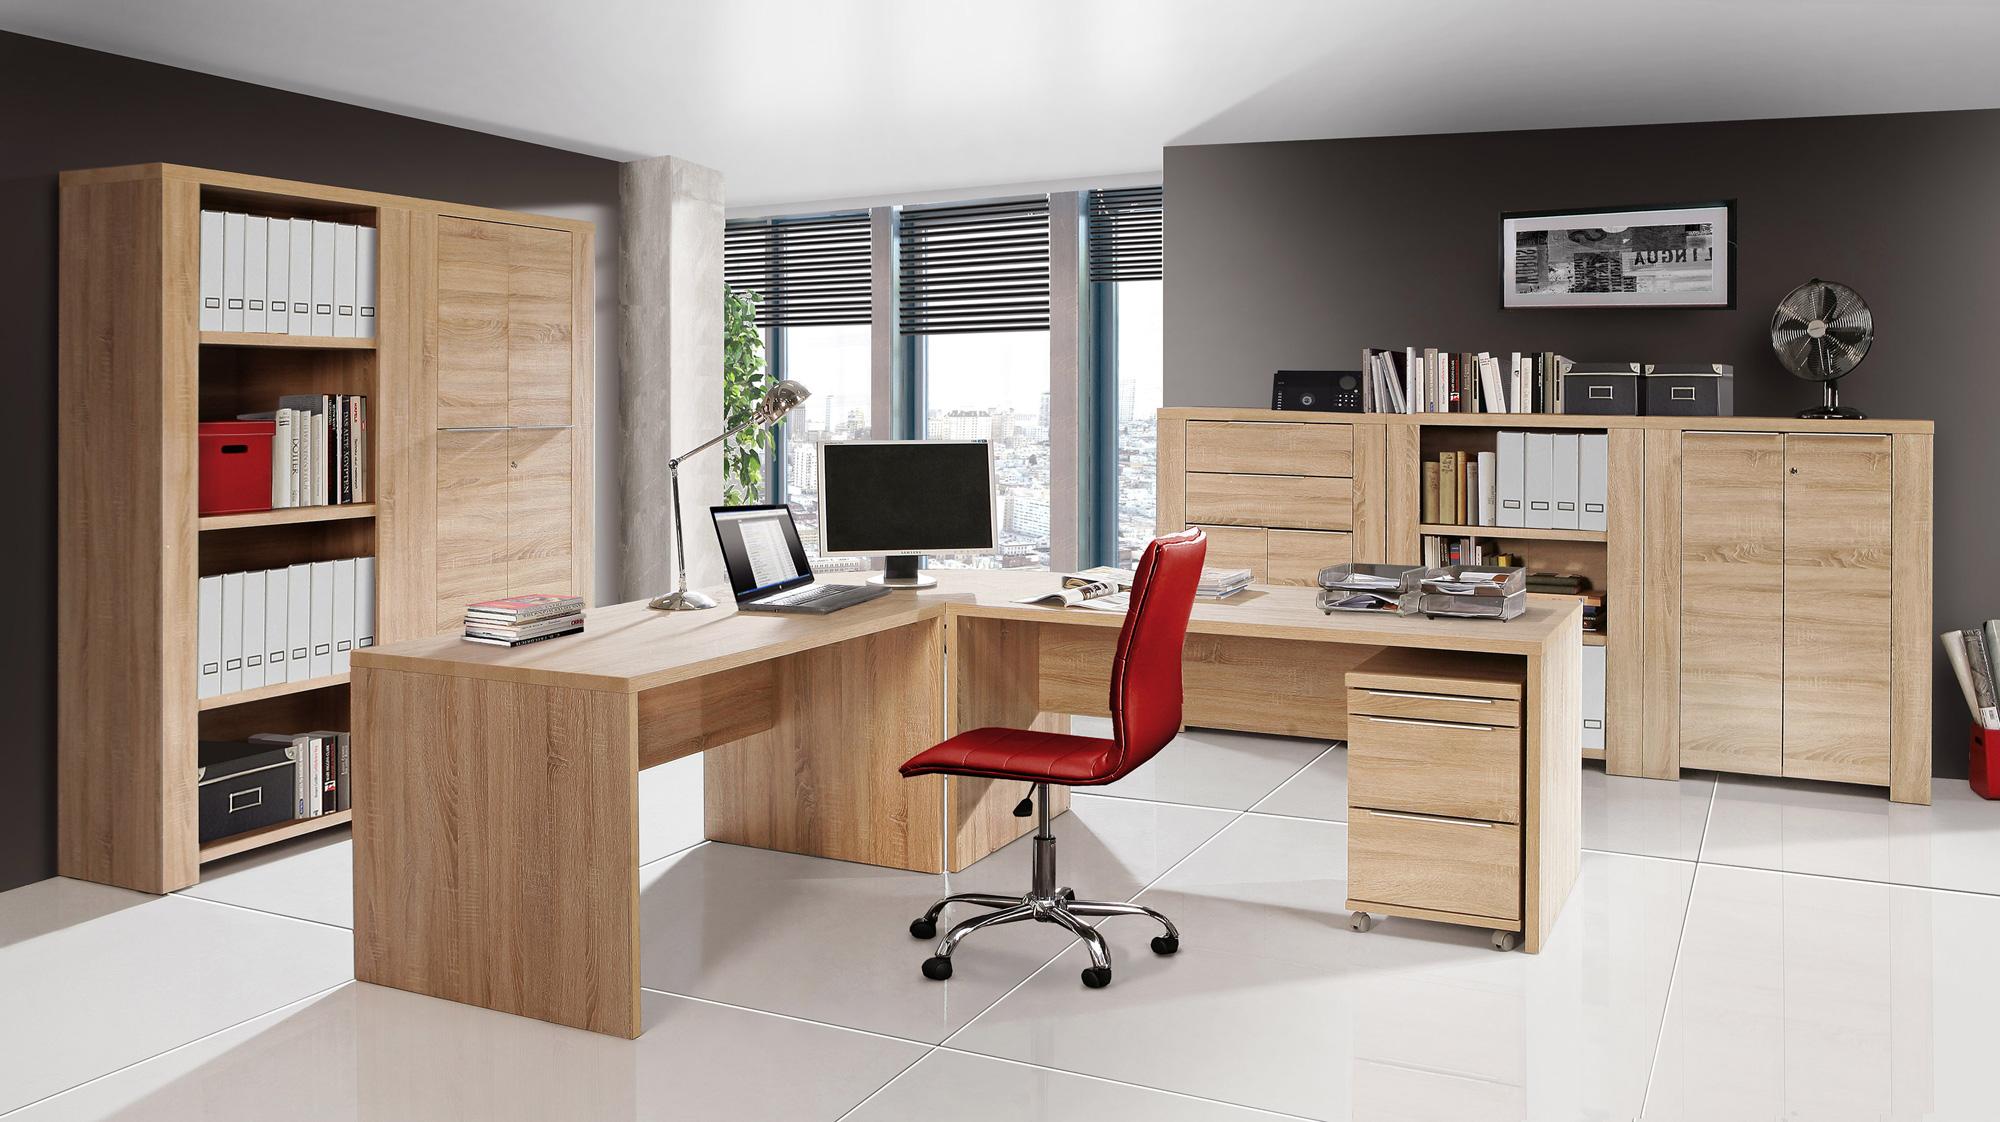 camillo schrank sonoma eiche. Black Bedroom Furniture Sets. Home Design Ideas